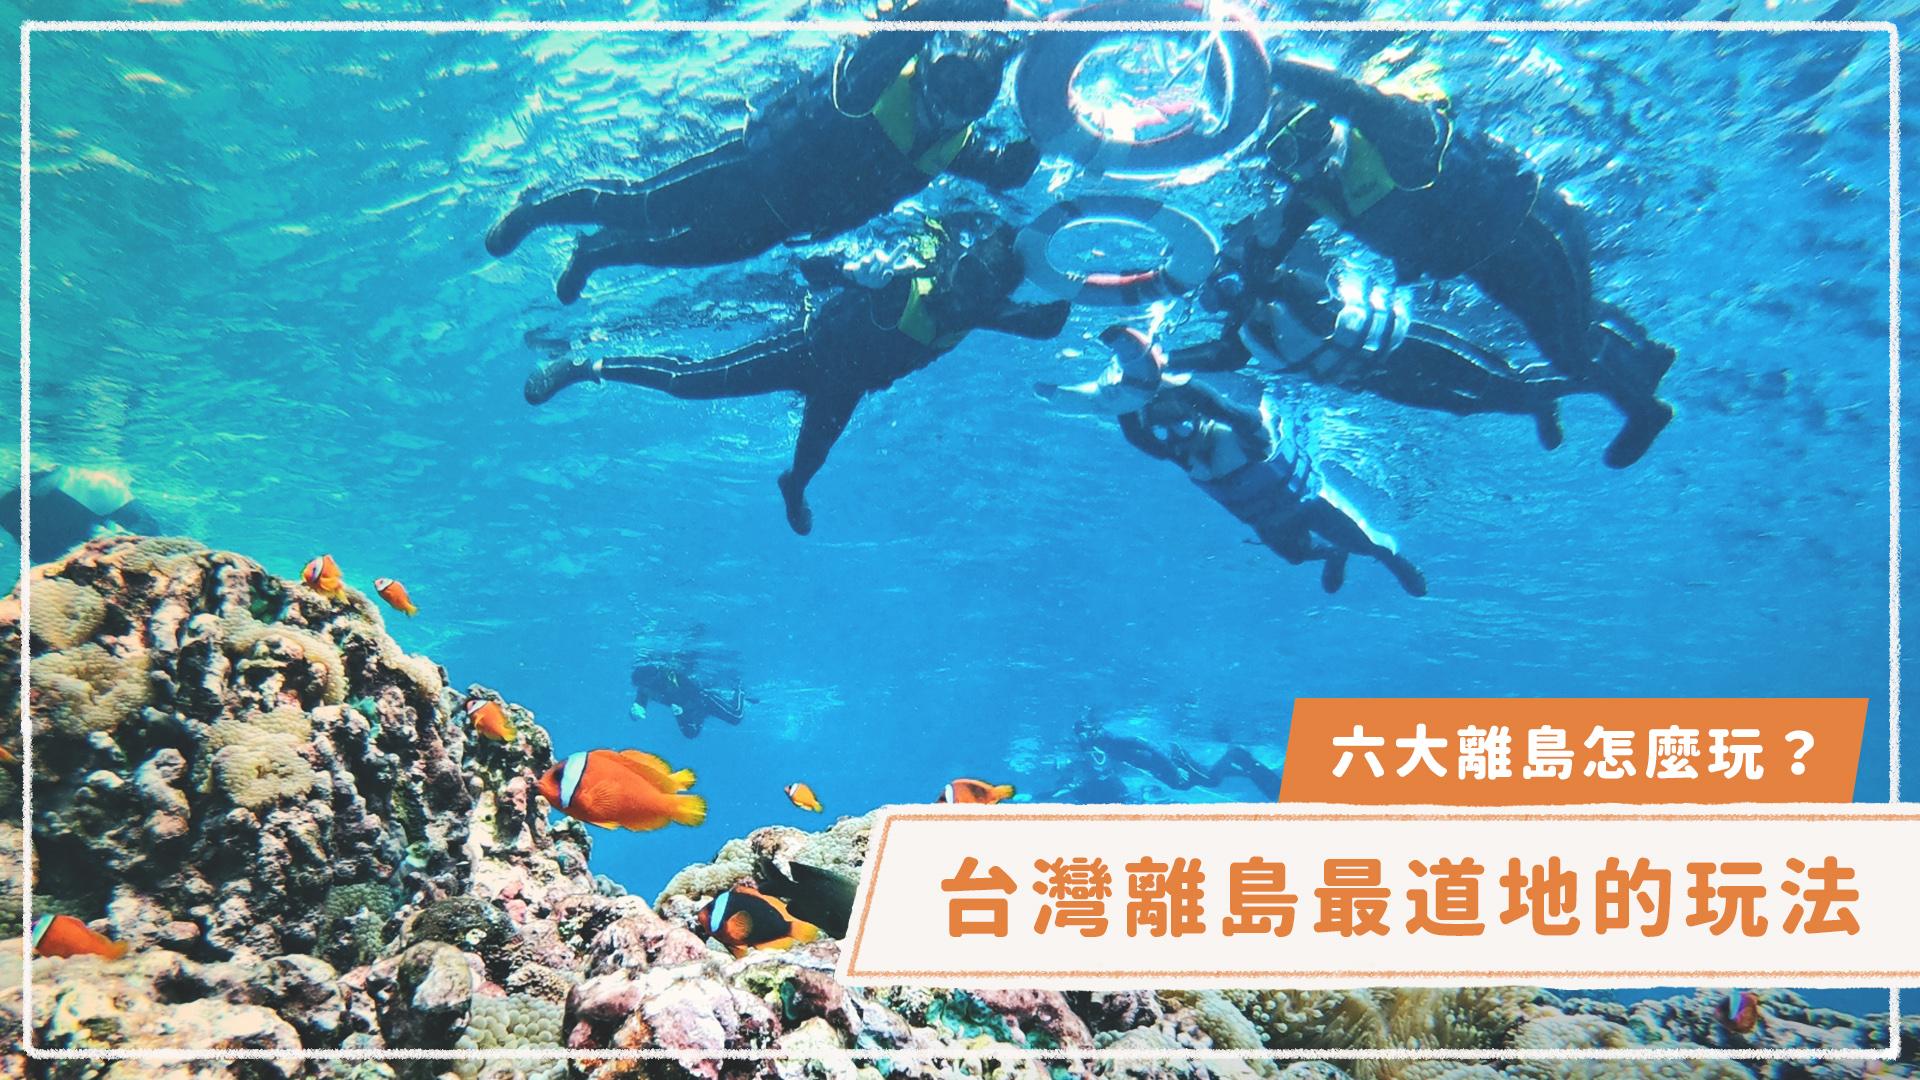 台灣六大離島怎麼玩?特色、秘境、美食,最道地的玩法一次告訴你!